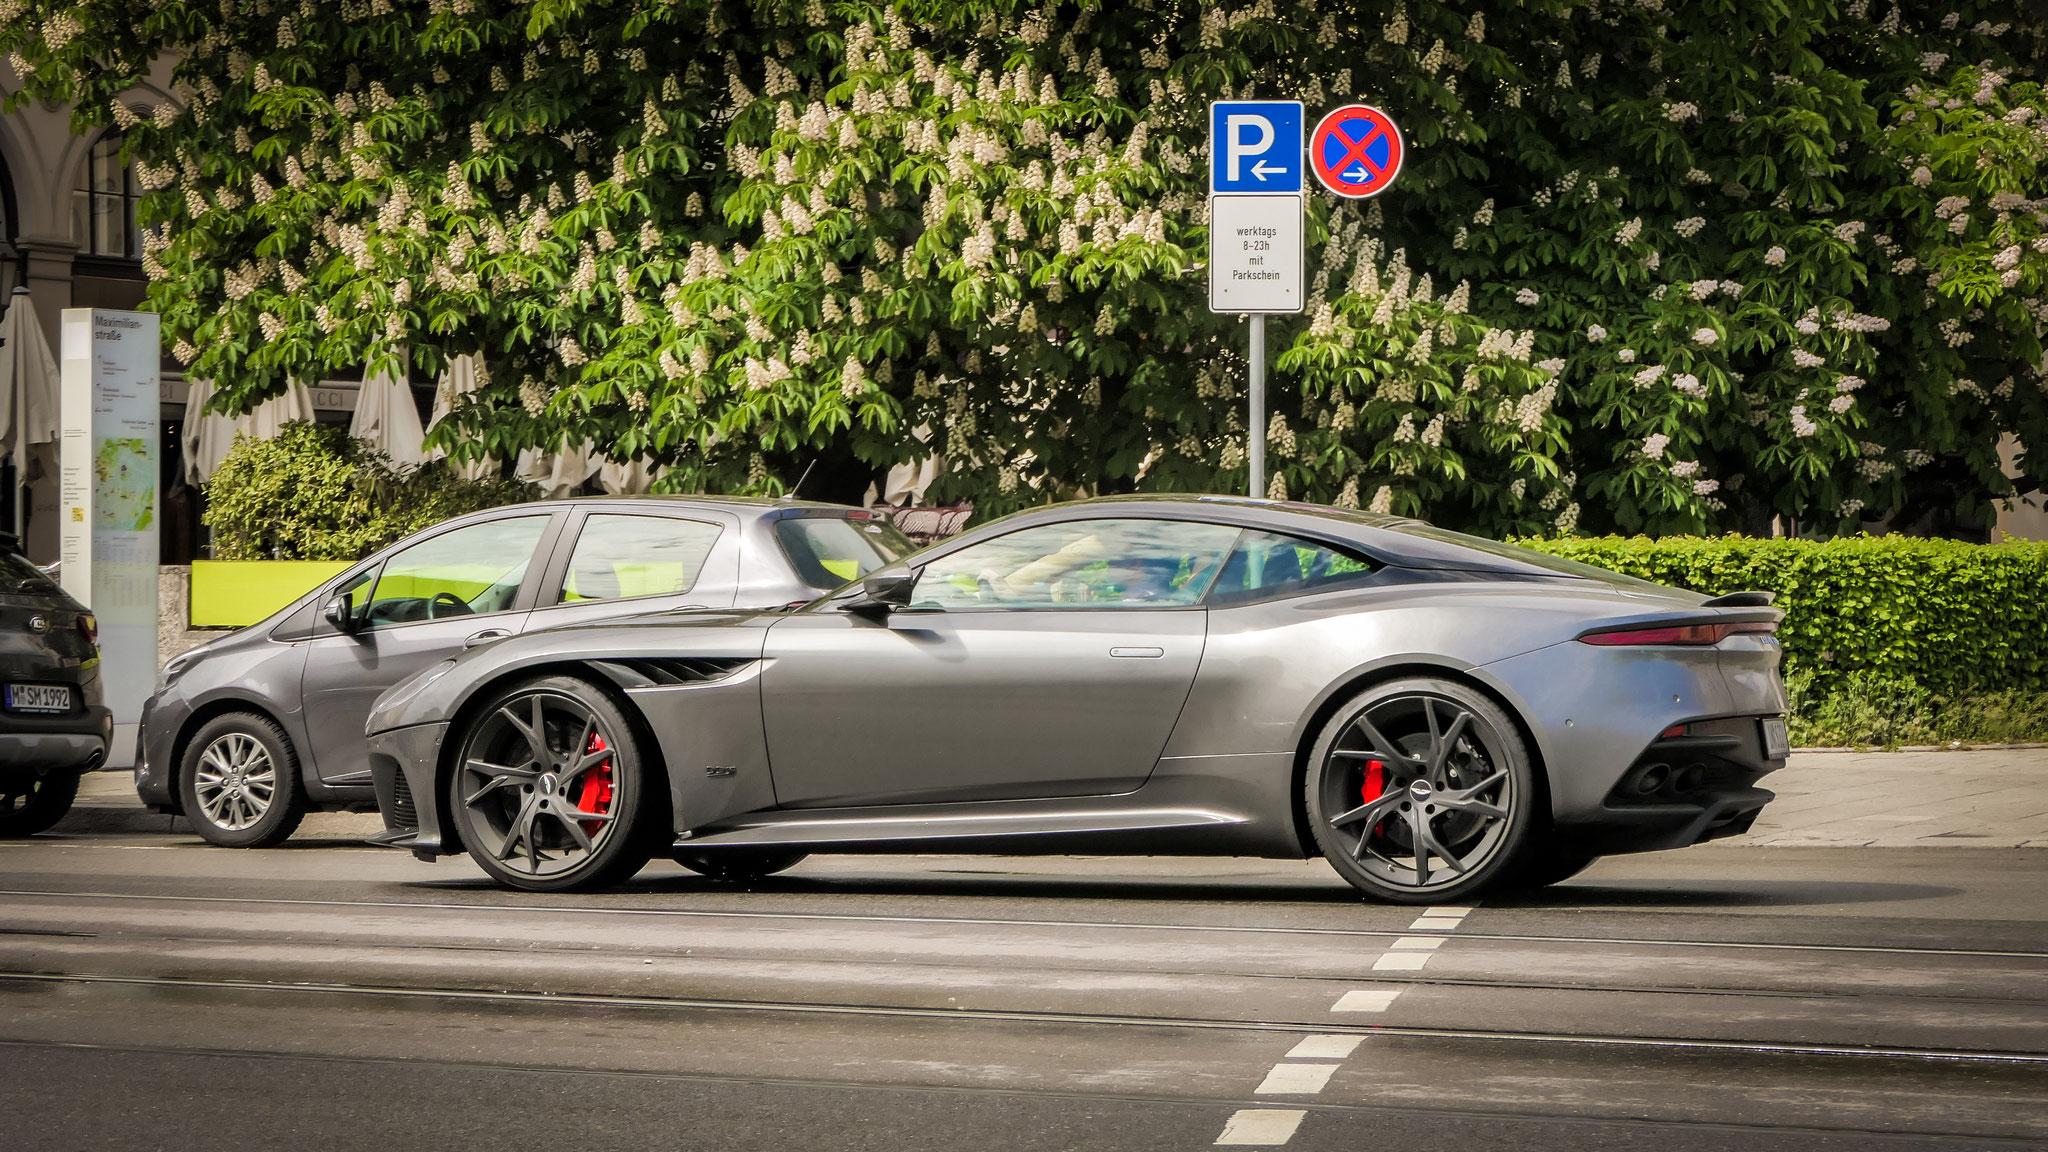 Aston Martin DBS Superleggera - IN-S-32